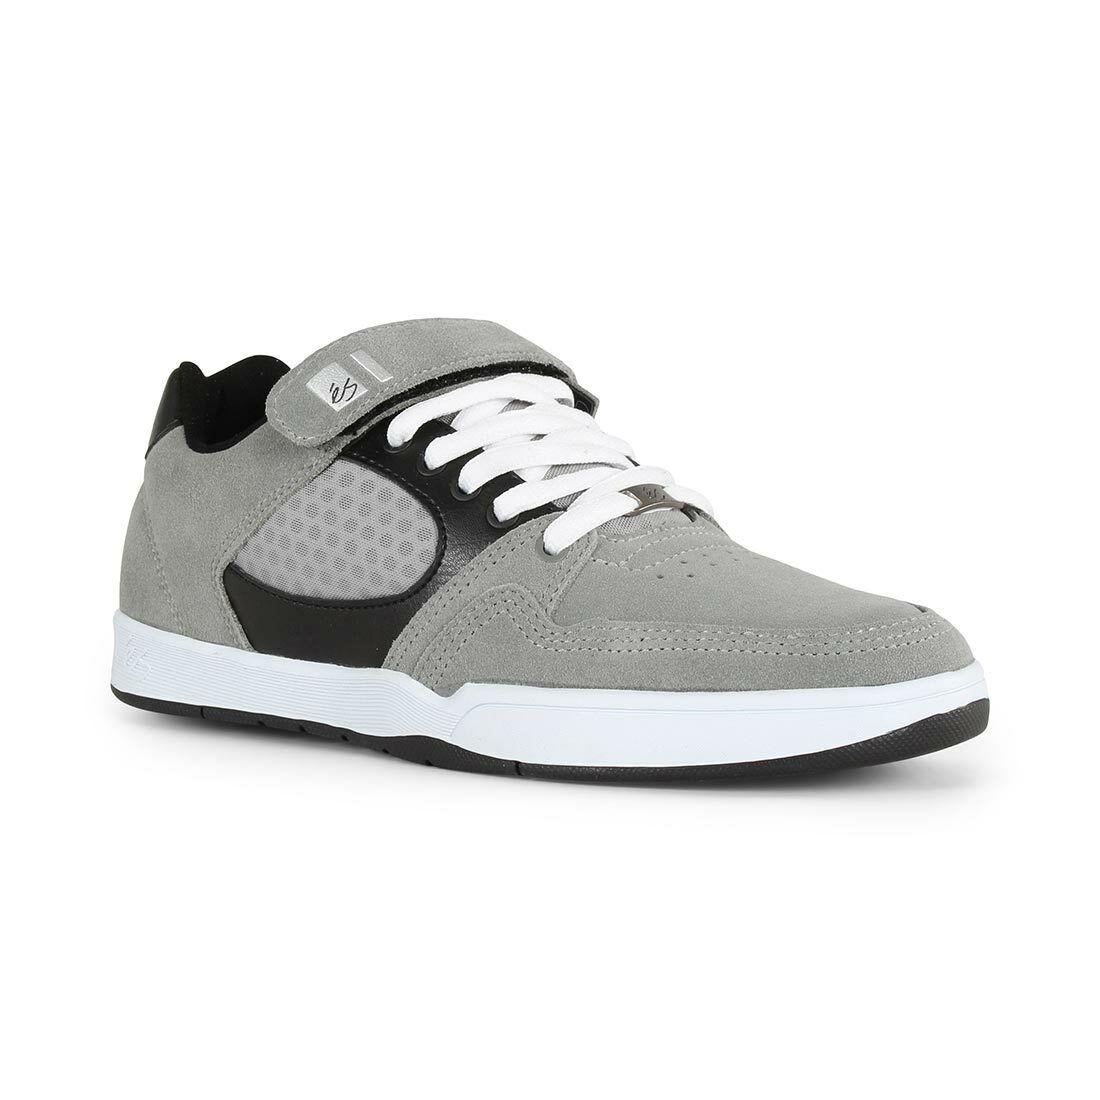 Accel Slim Plus Zapatos-eS gris Negro blancoo